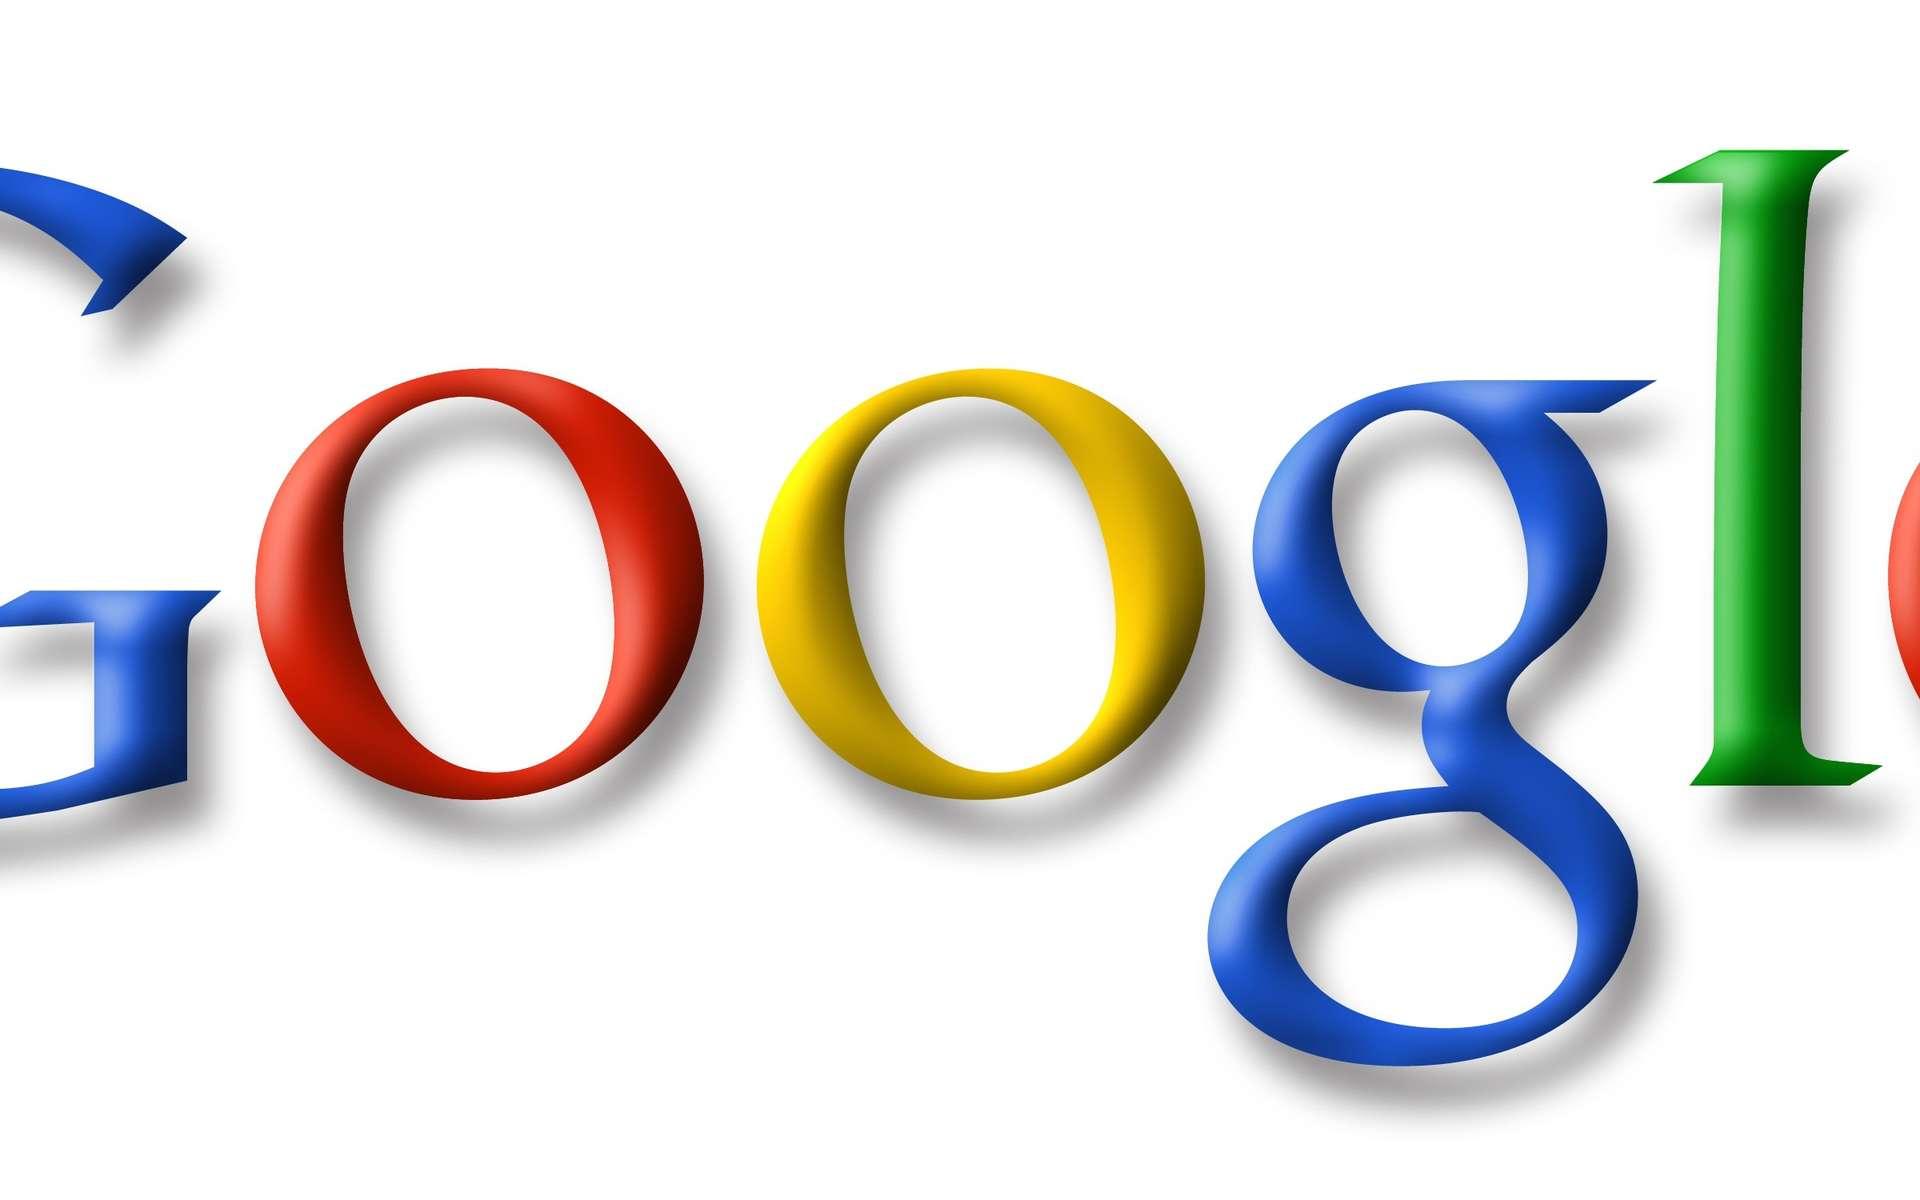 Le moteur de recherche de Google serait plus intelligent qu'avant...